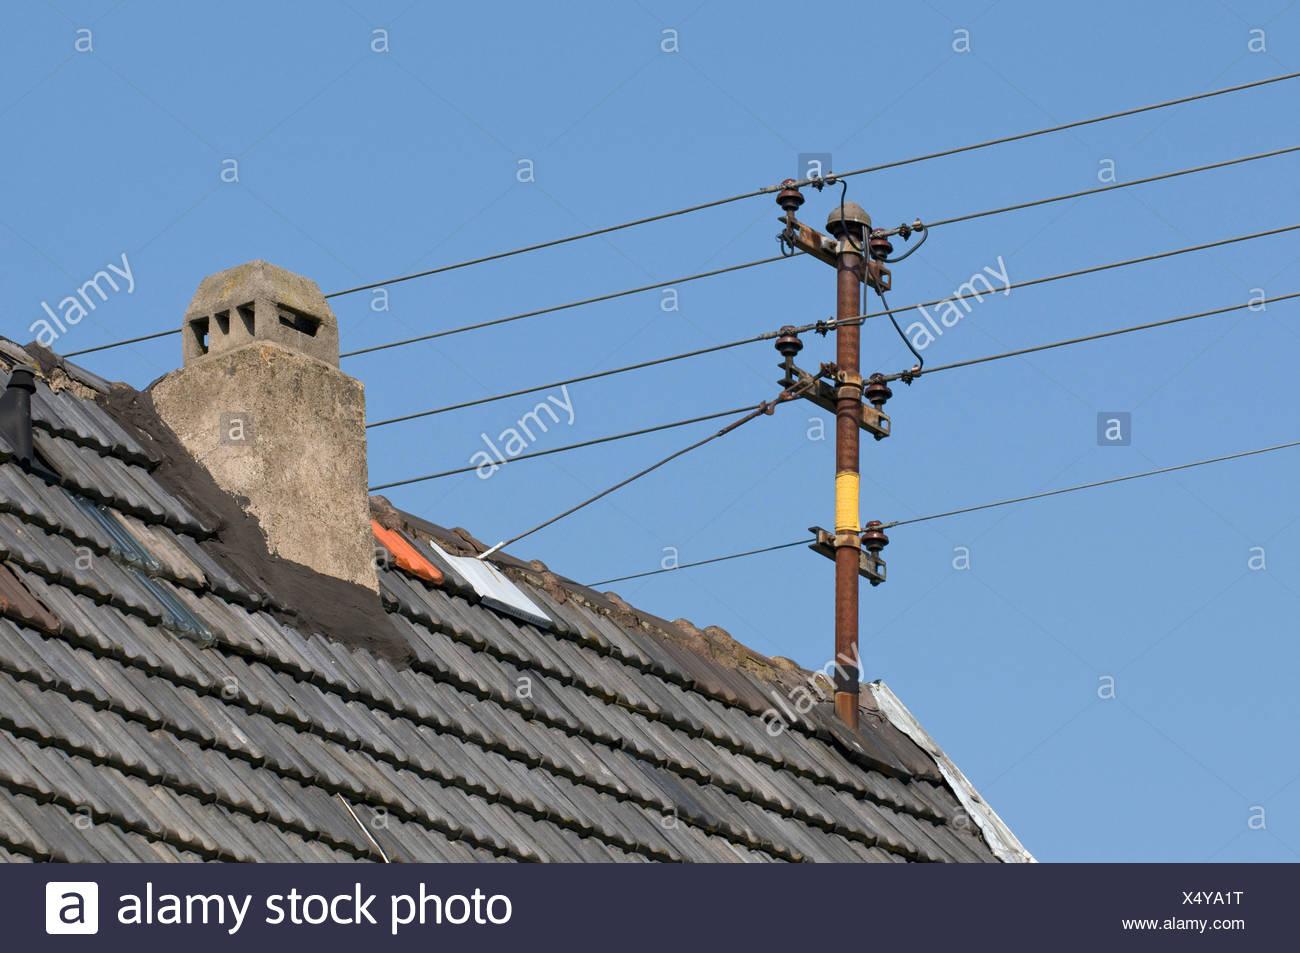 Antiguas líneas aéreas de energía doméstica con aislantes cerámicos en el techo Imagen De Stock